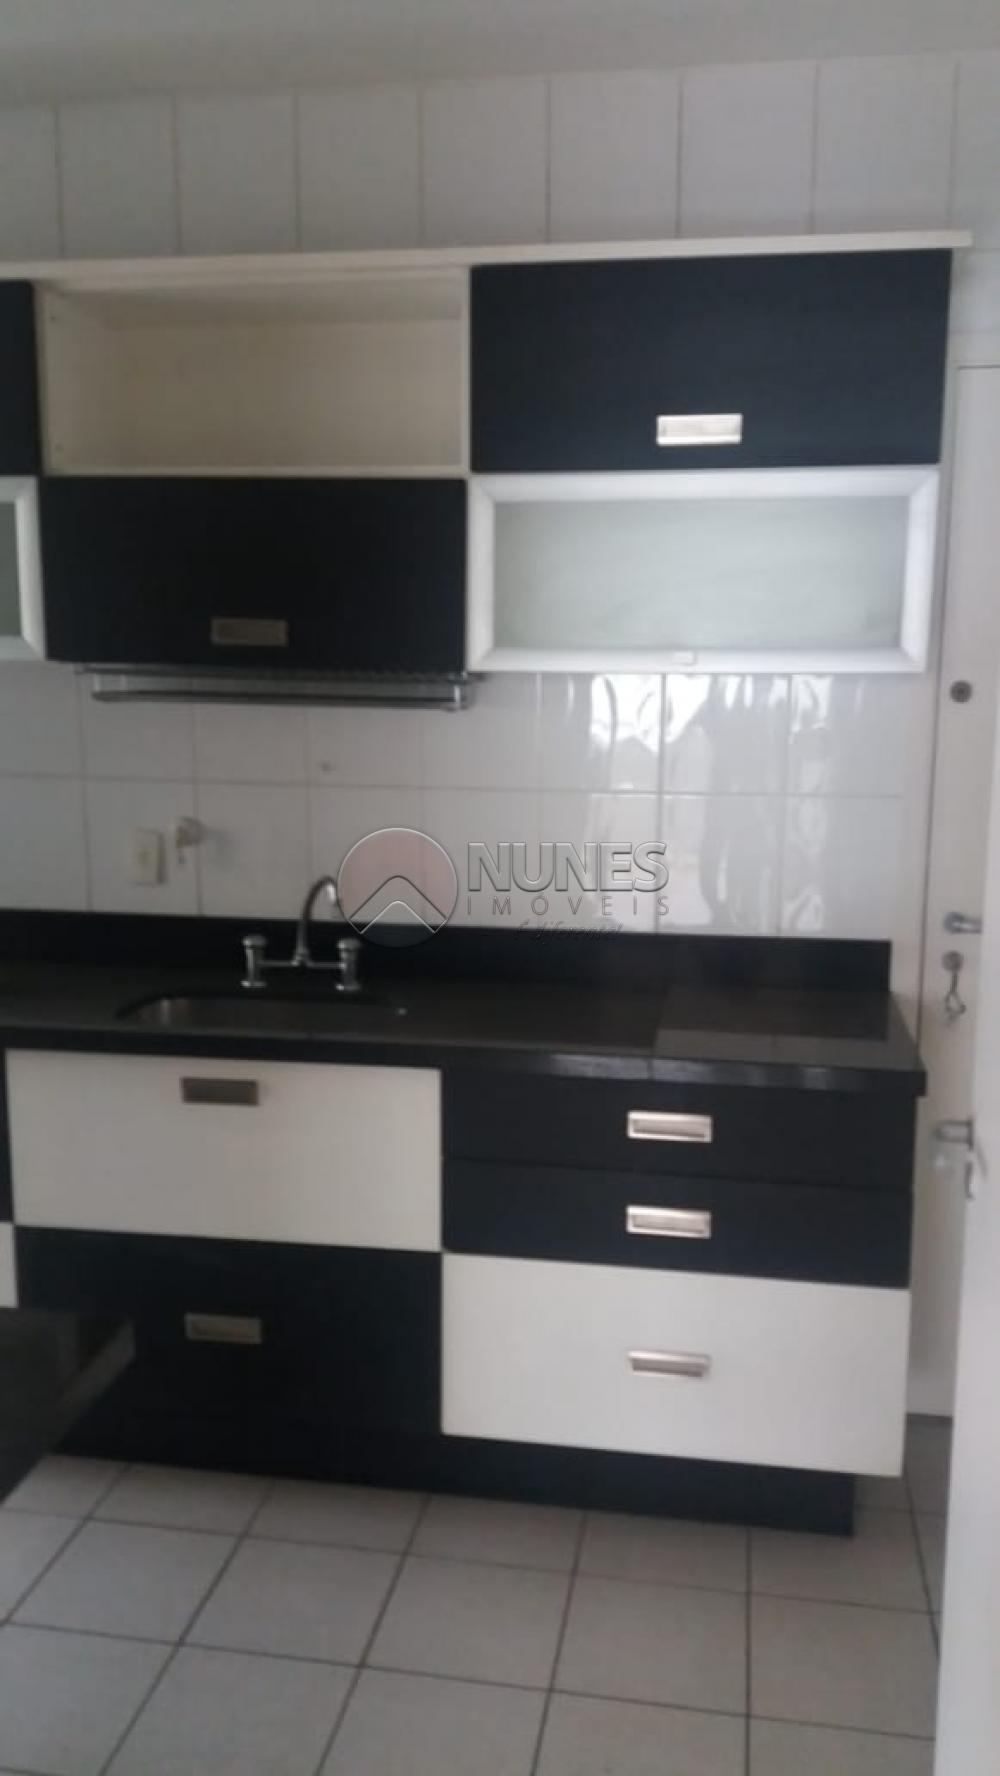 Comprar Apartamento / Padrão em São Paulo apenas R$ 640.000,00 - Foto 7